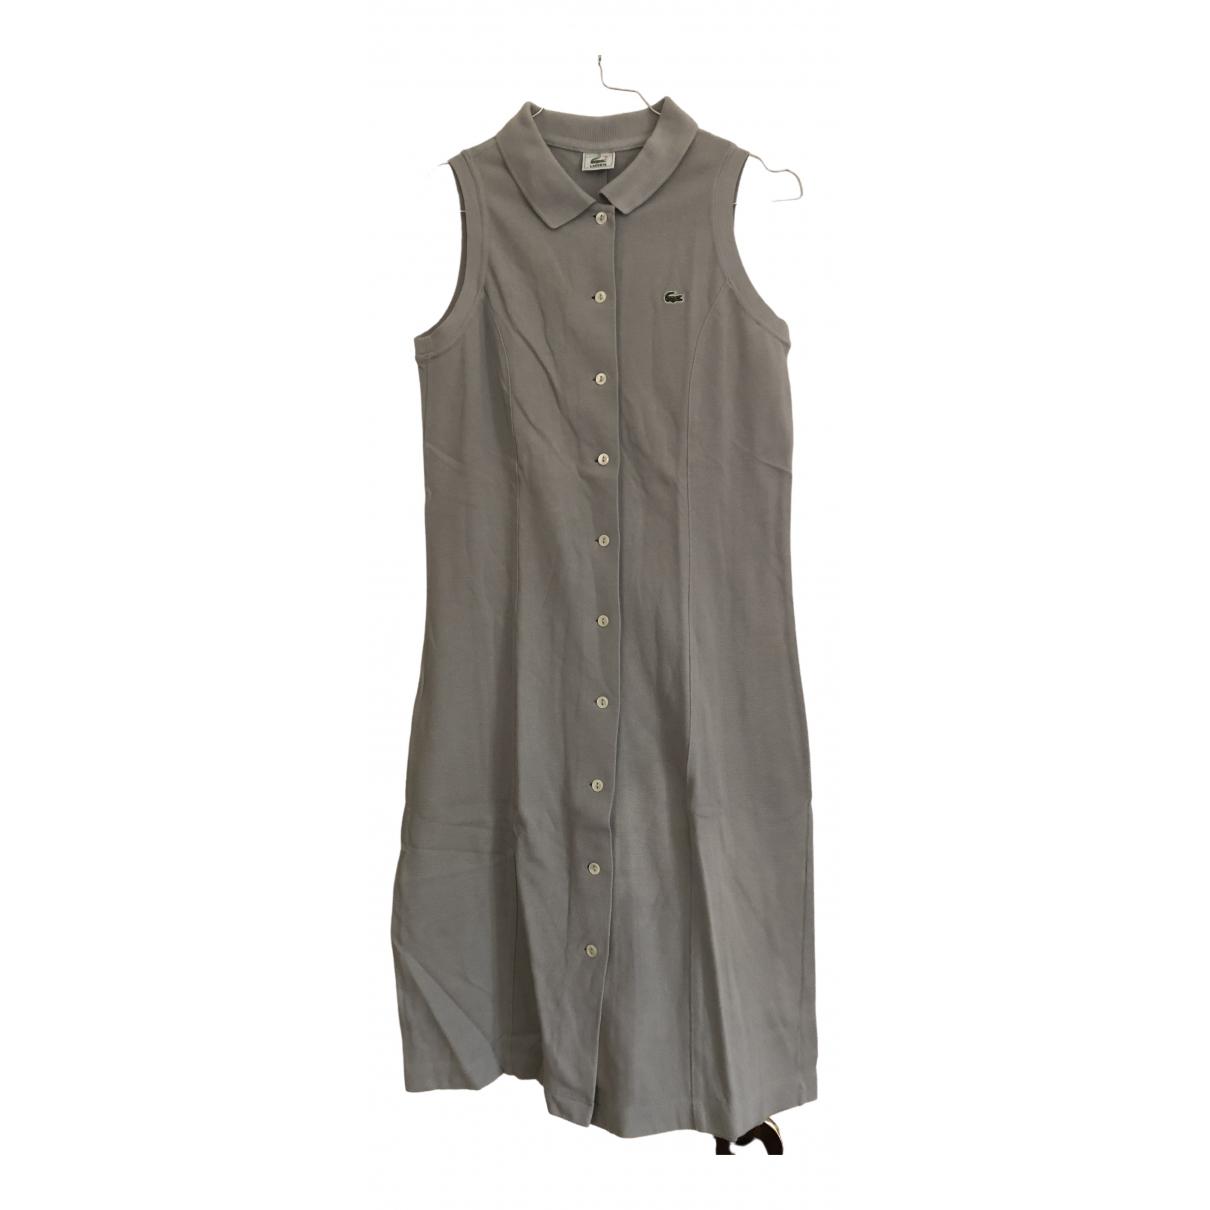 Lacoste \N Kleid in  Grau Baumwolle